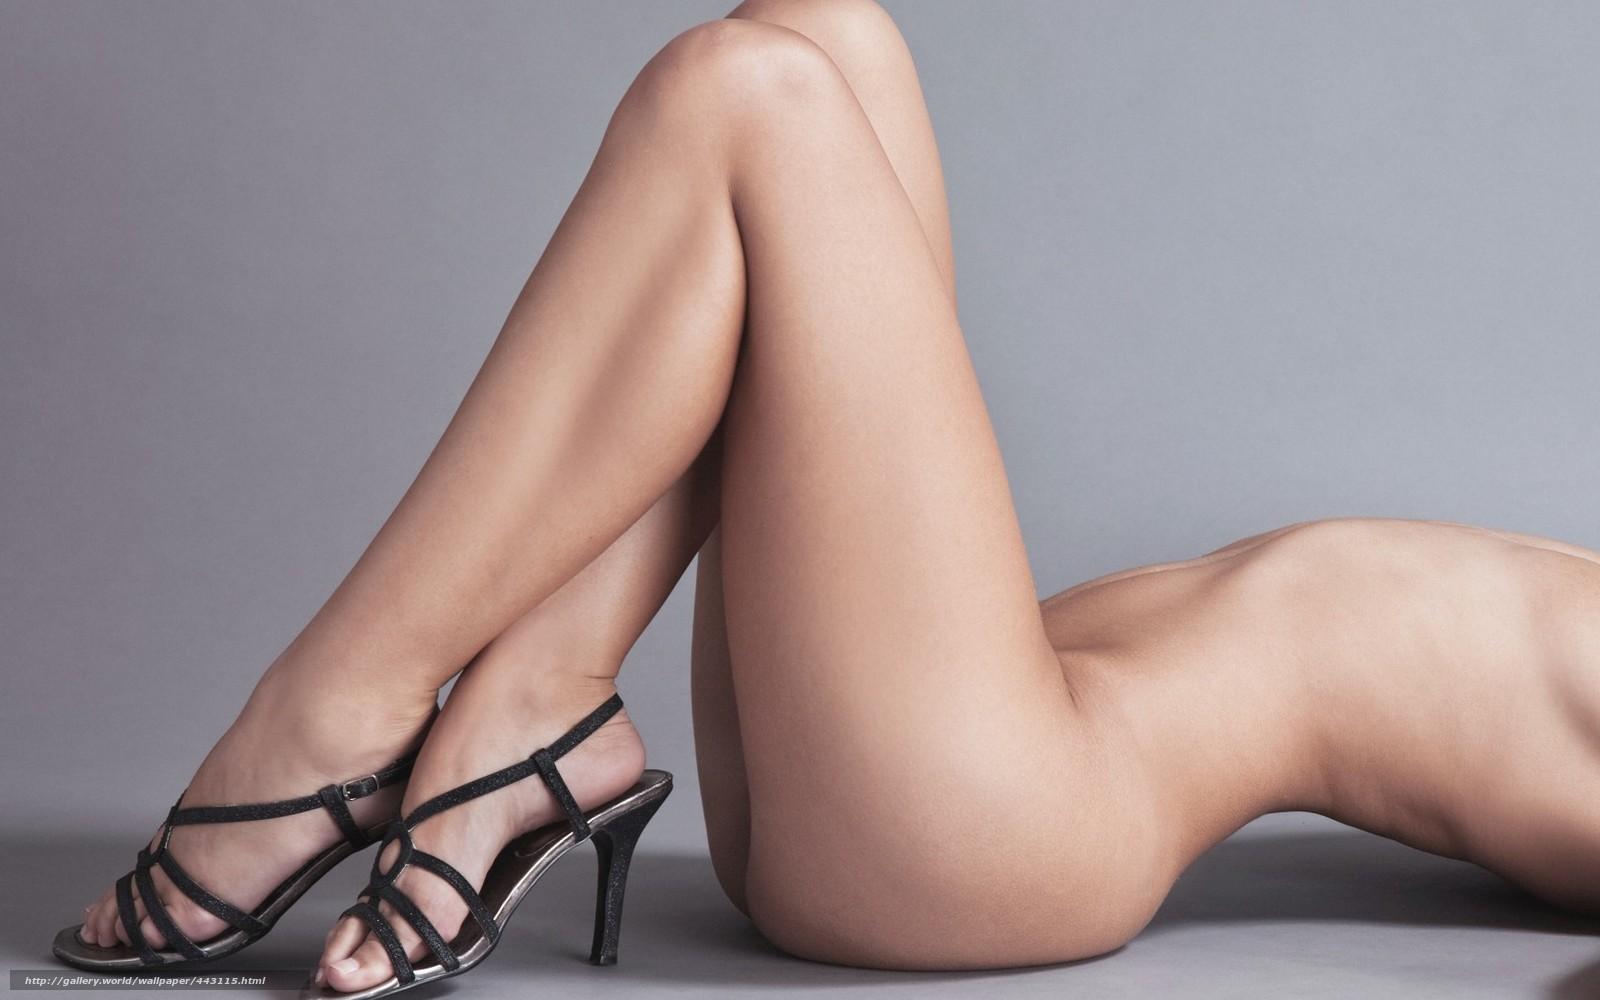 Раздвинуты женские ноги 14 фотография